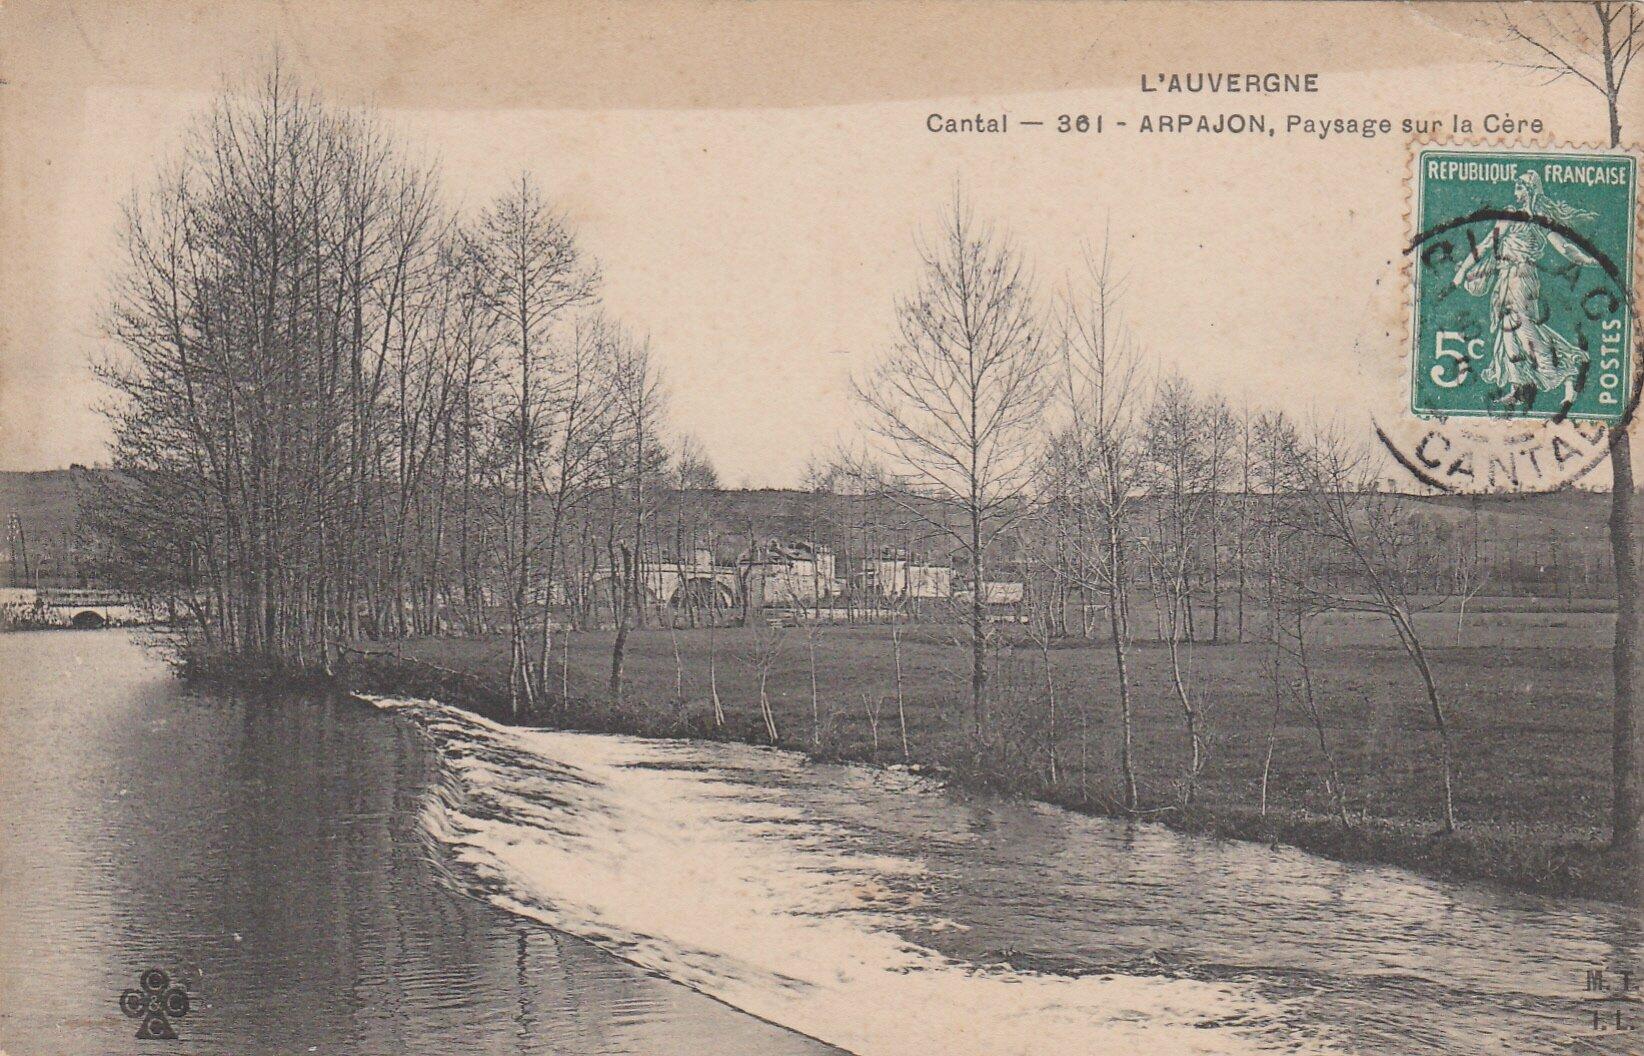 L'Auvergne Cantal - 361 - ARPAJON, Paysage sur la Cère